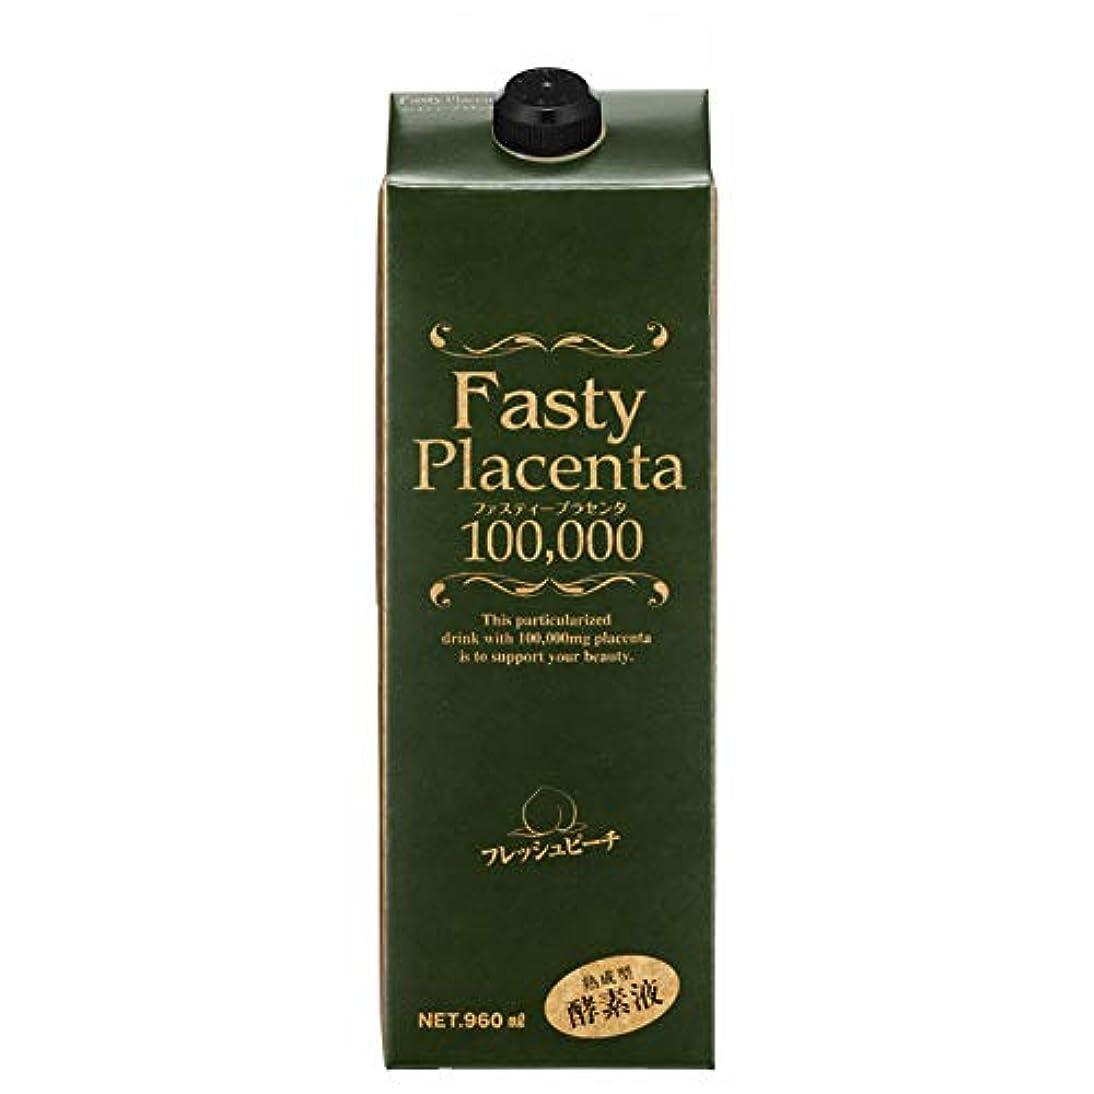 剪断再開排泄するファスティープラセンタ100,000 増量パック(フレッシュピーチ味)1個